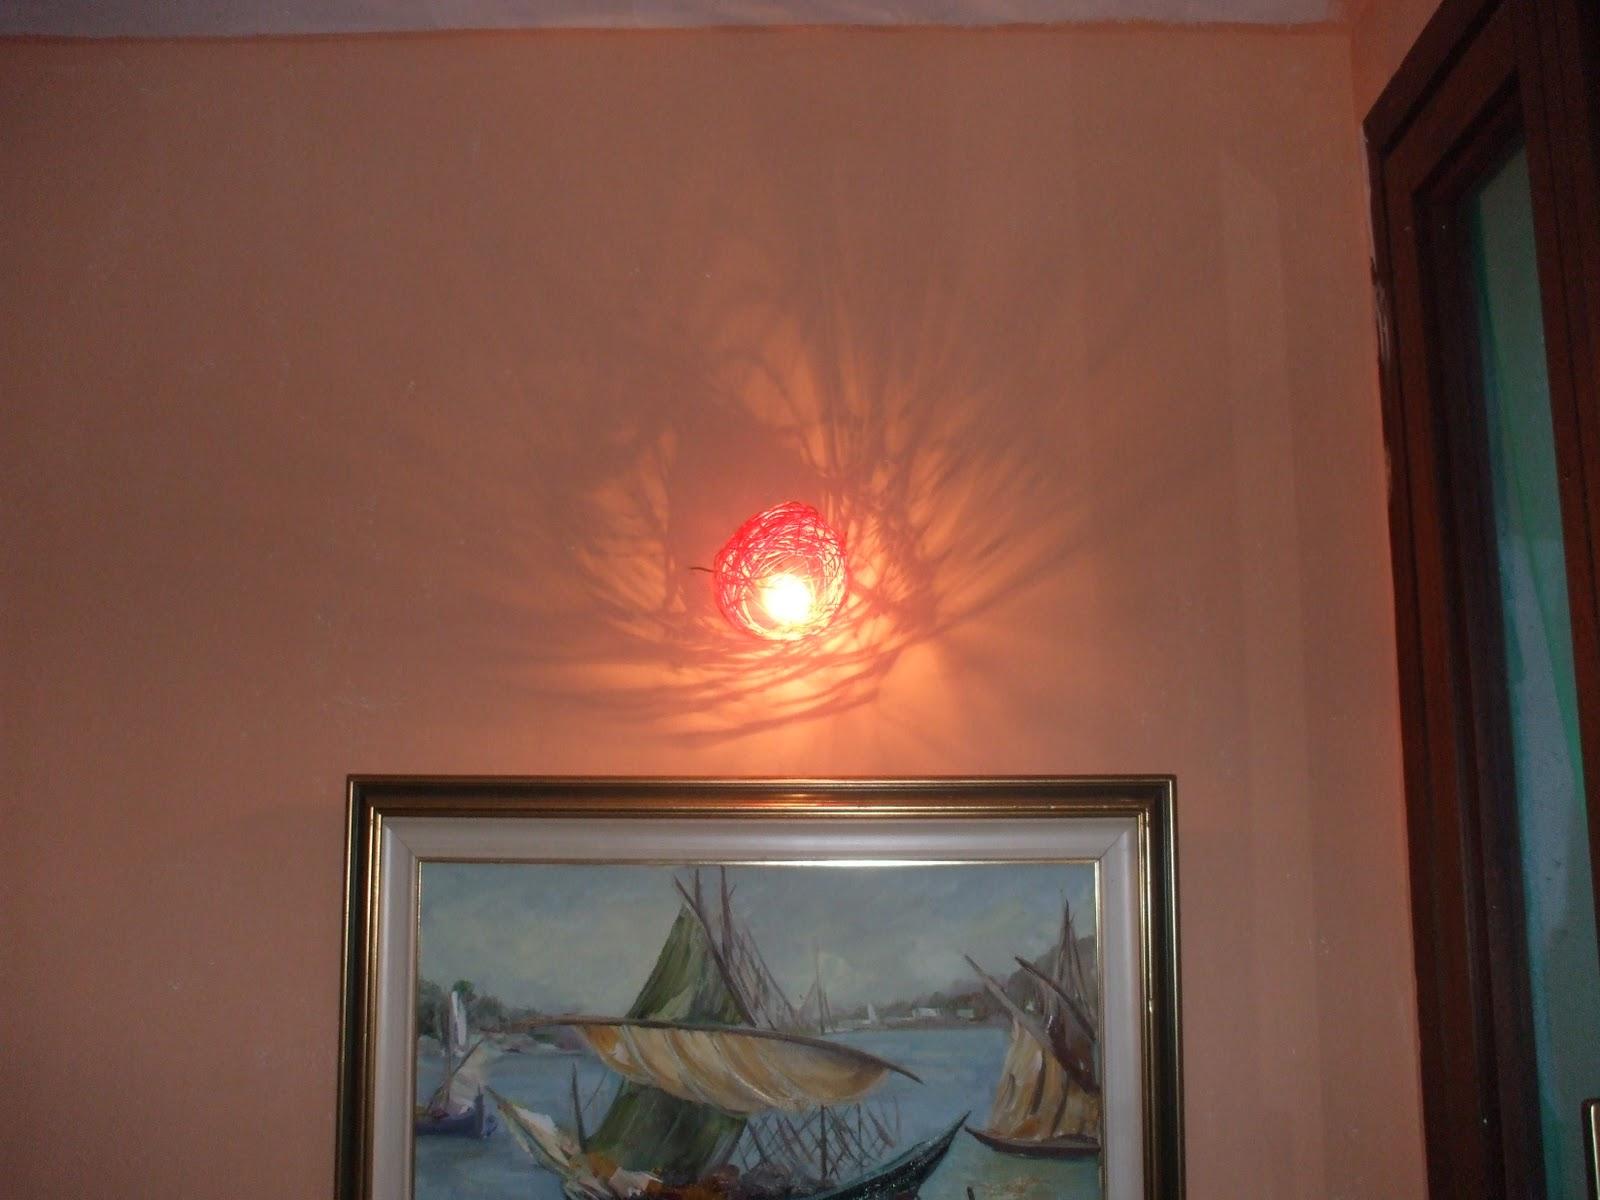 Lampadario In Legno Fai Da Te : Creofacile applique o lampadario design con meno di un euro